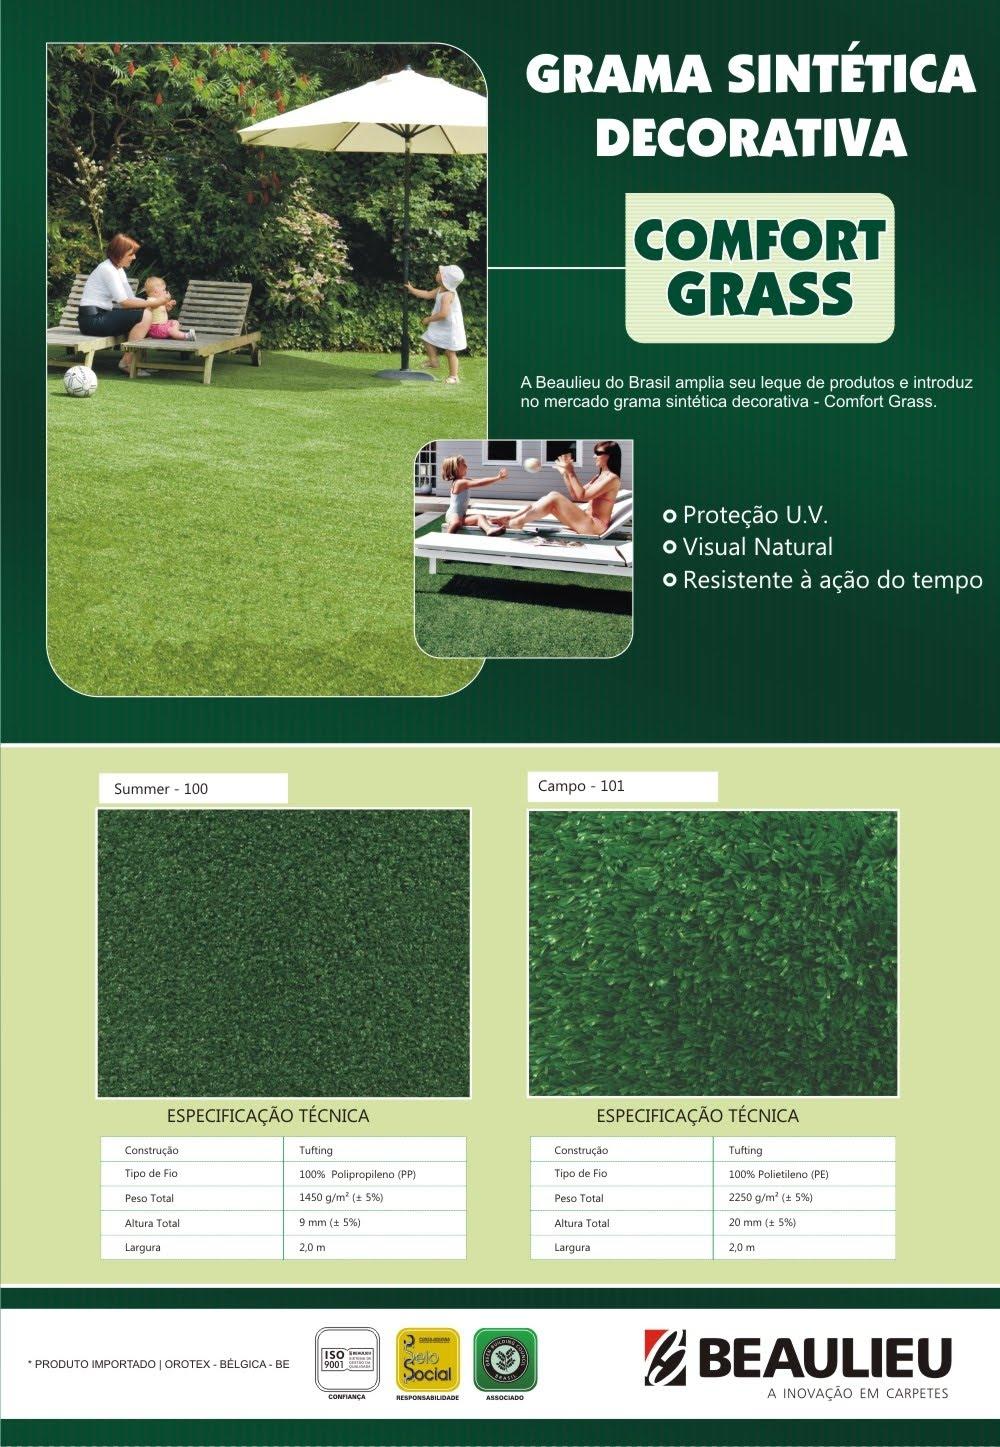 grama sintetica decorativa em campinas : grama sintetica decorativa em campinas: iniciou em 2011 a operacao com gramas sinteticas a projeto5 dispoe